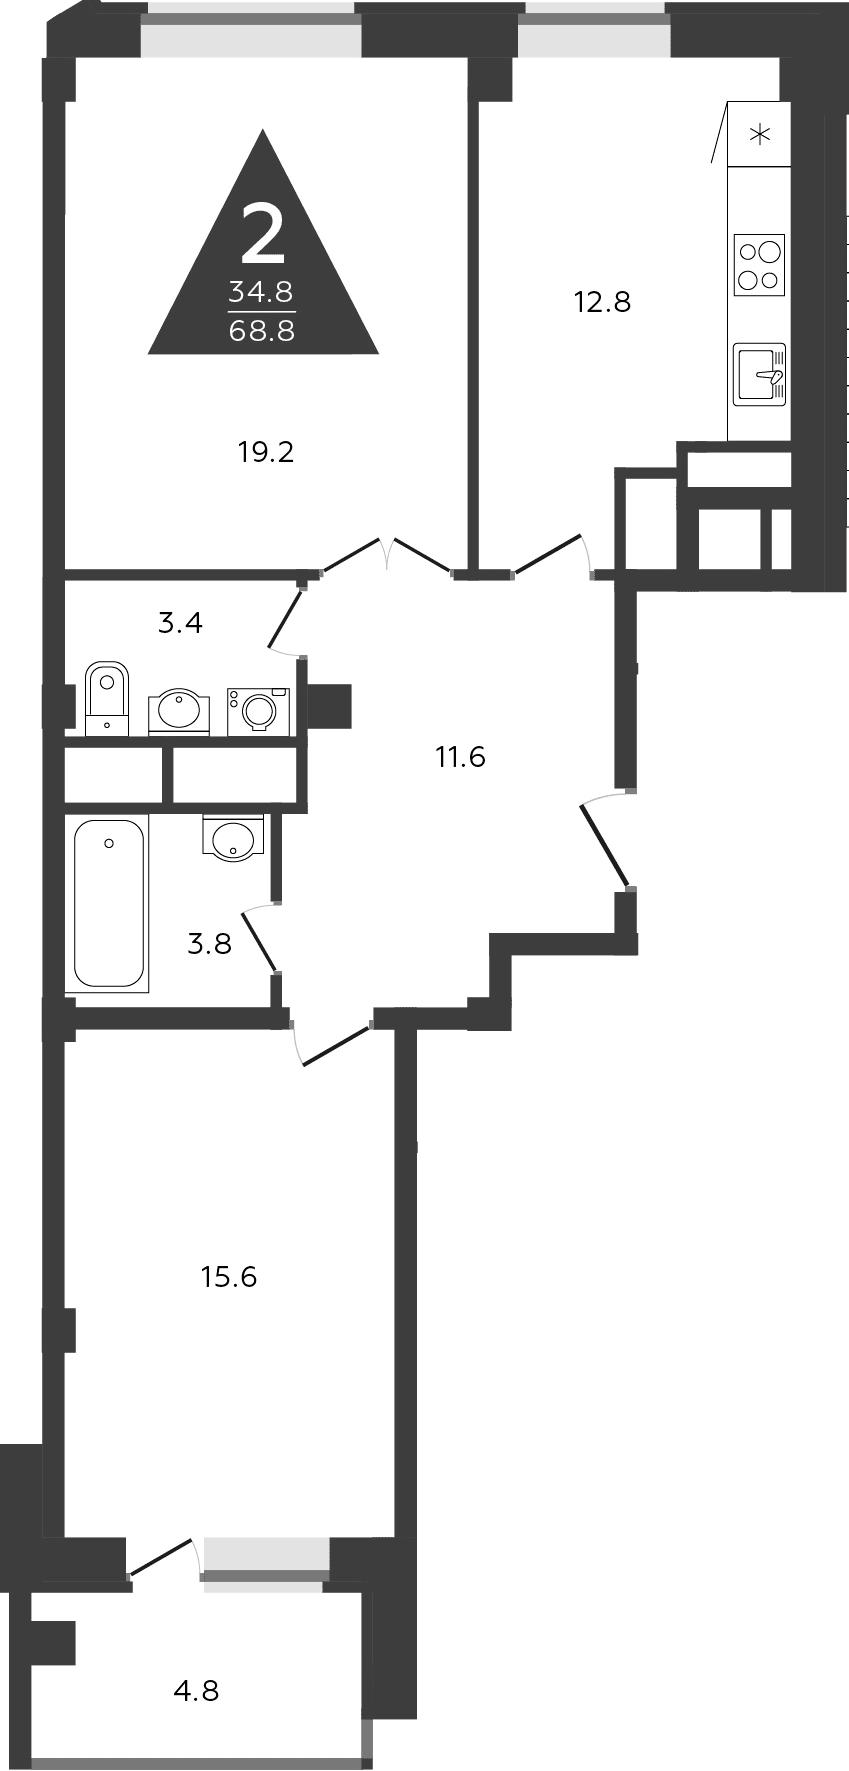 2-комнатная, 68.8 м²– 2